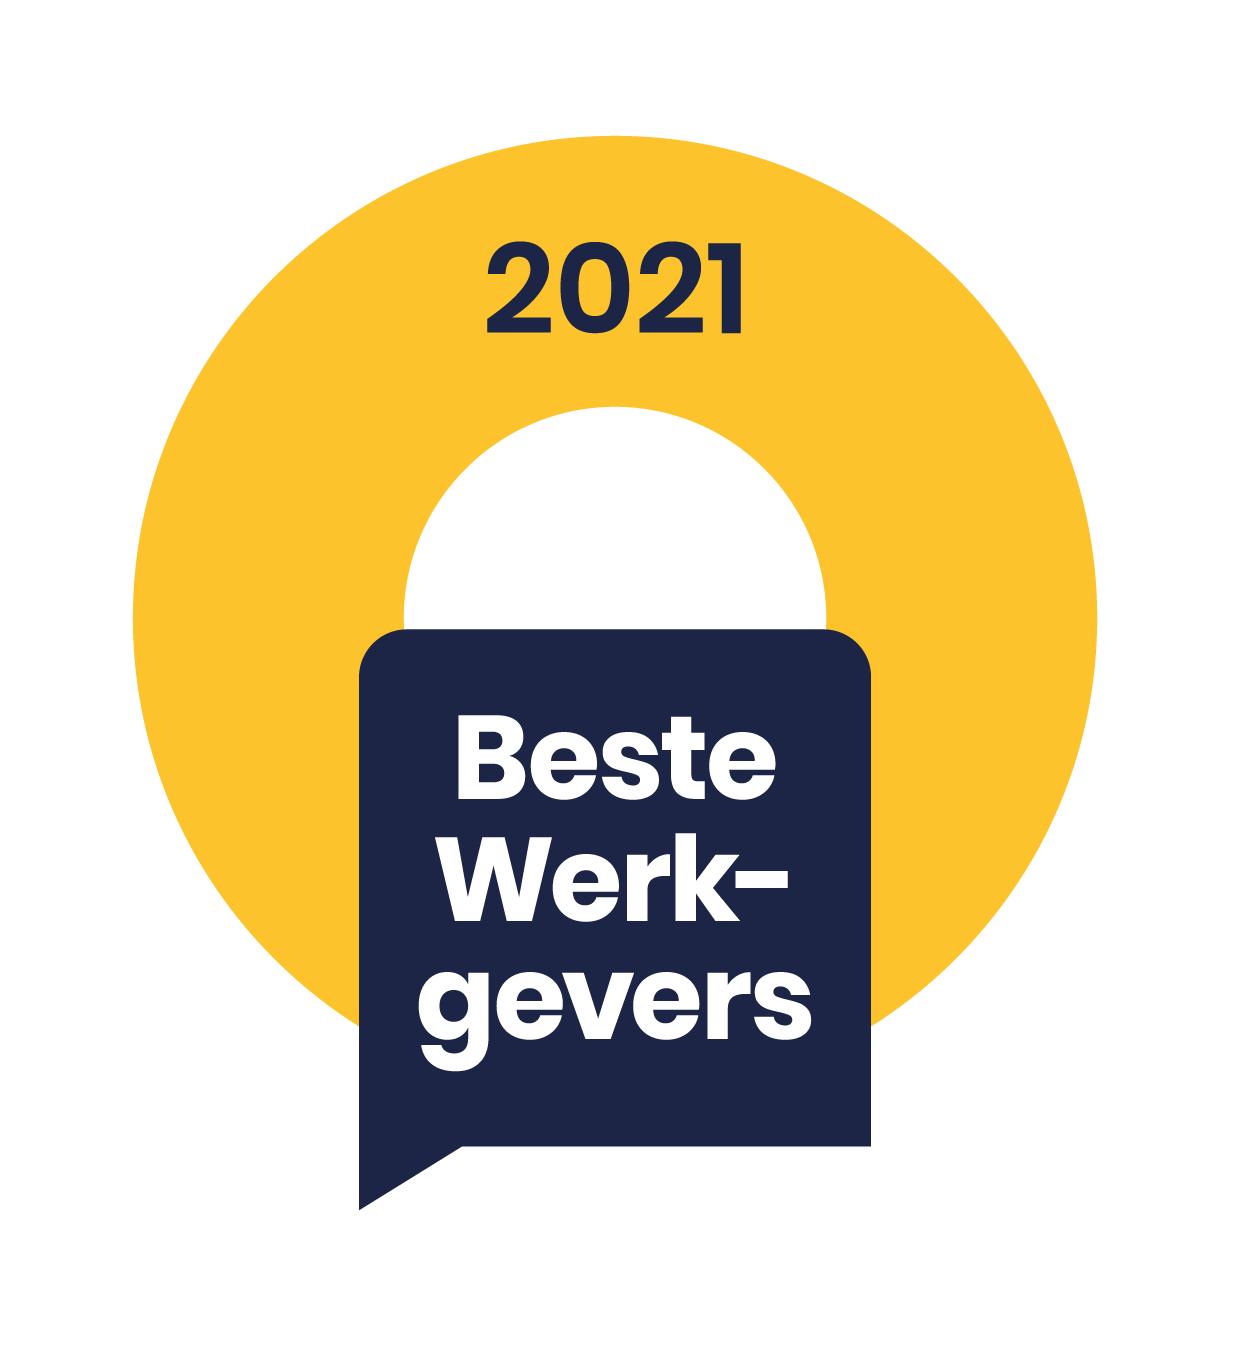 Wcwp Bw 2021